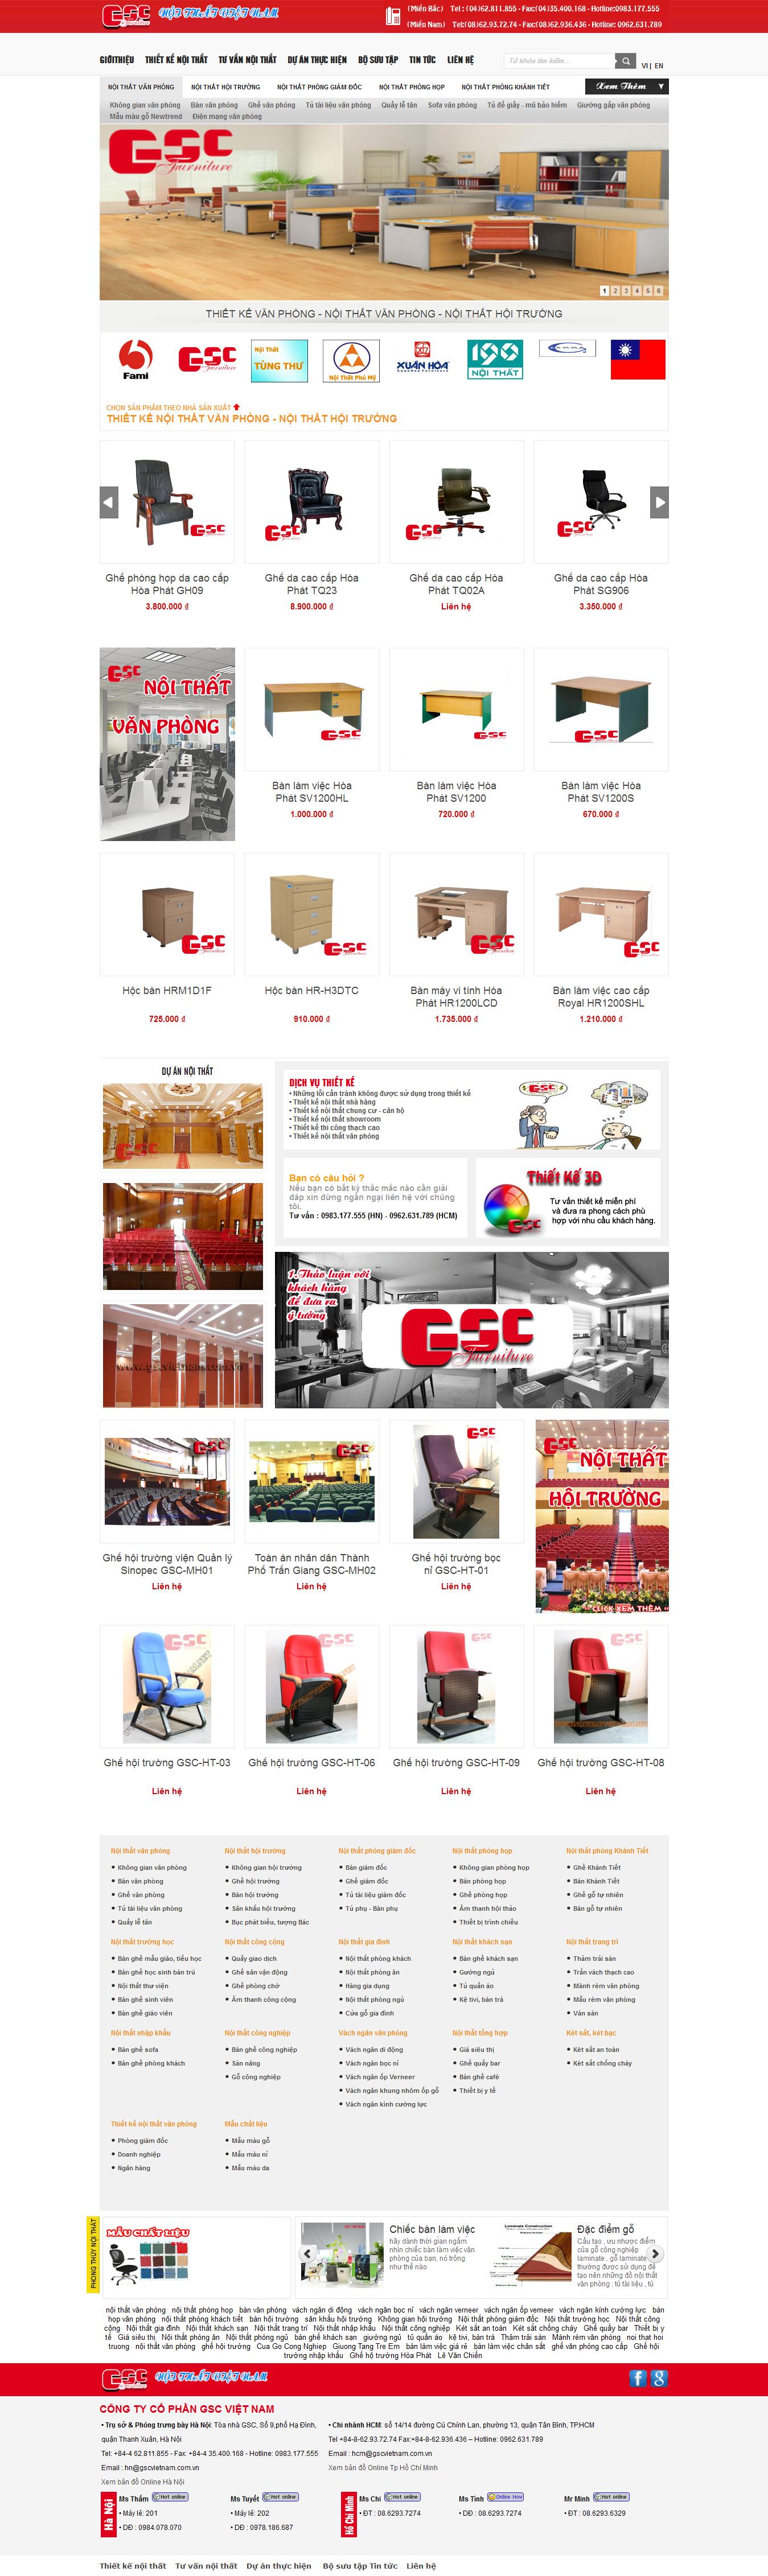 Mẫu website thi công nội thất - xây dựng 10232